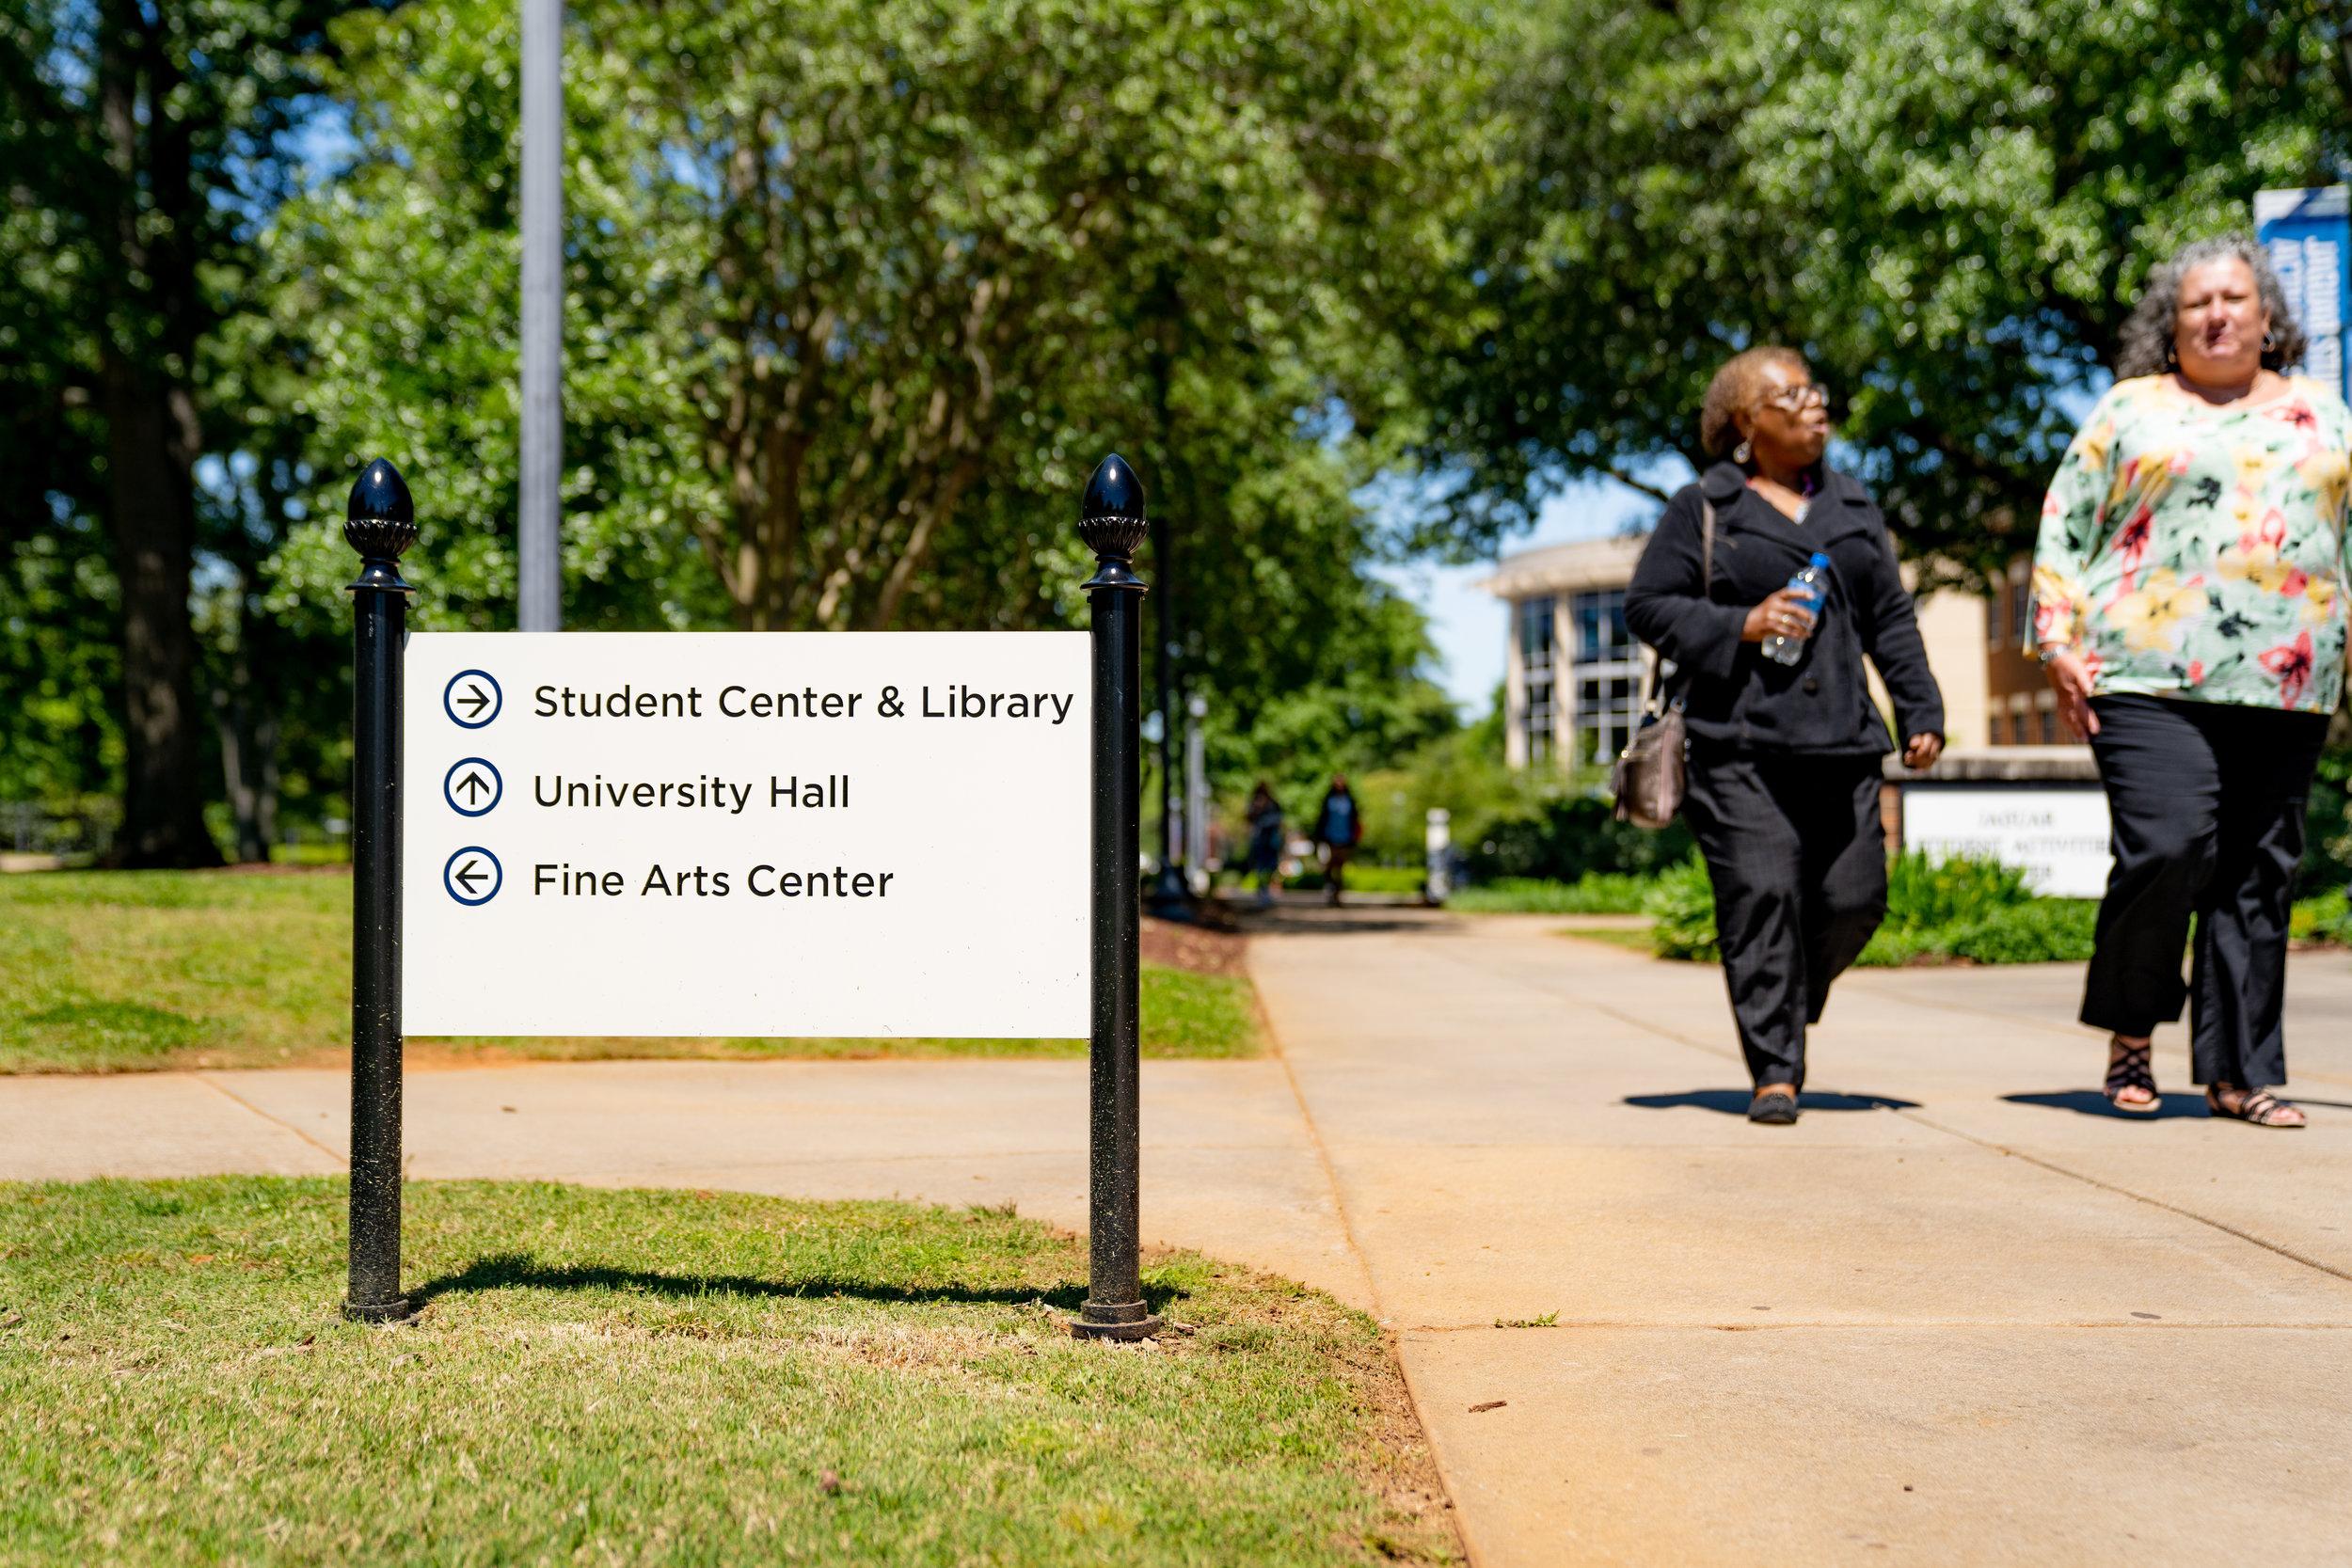 ASU_campus (15 of 15).jpg